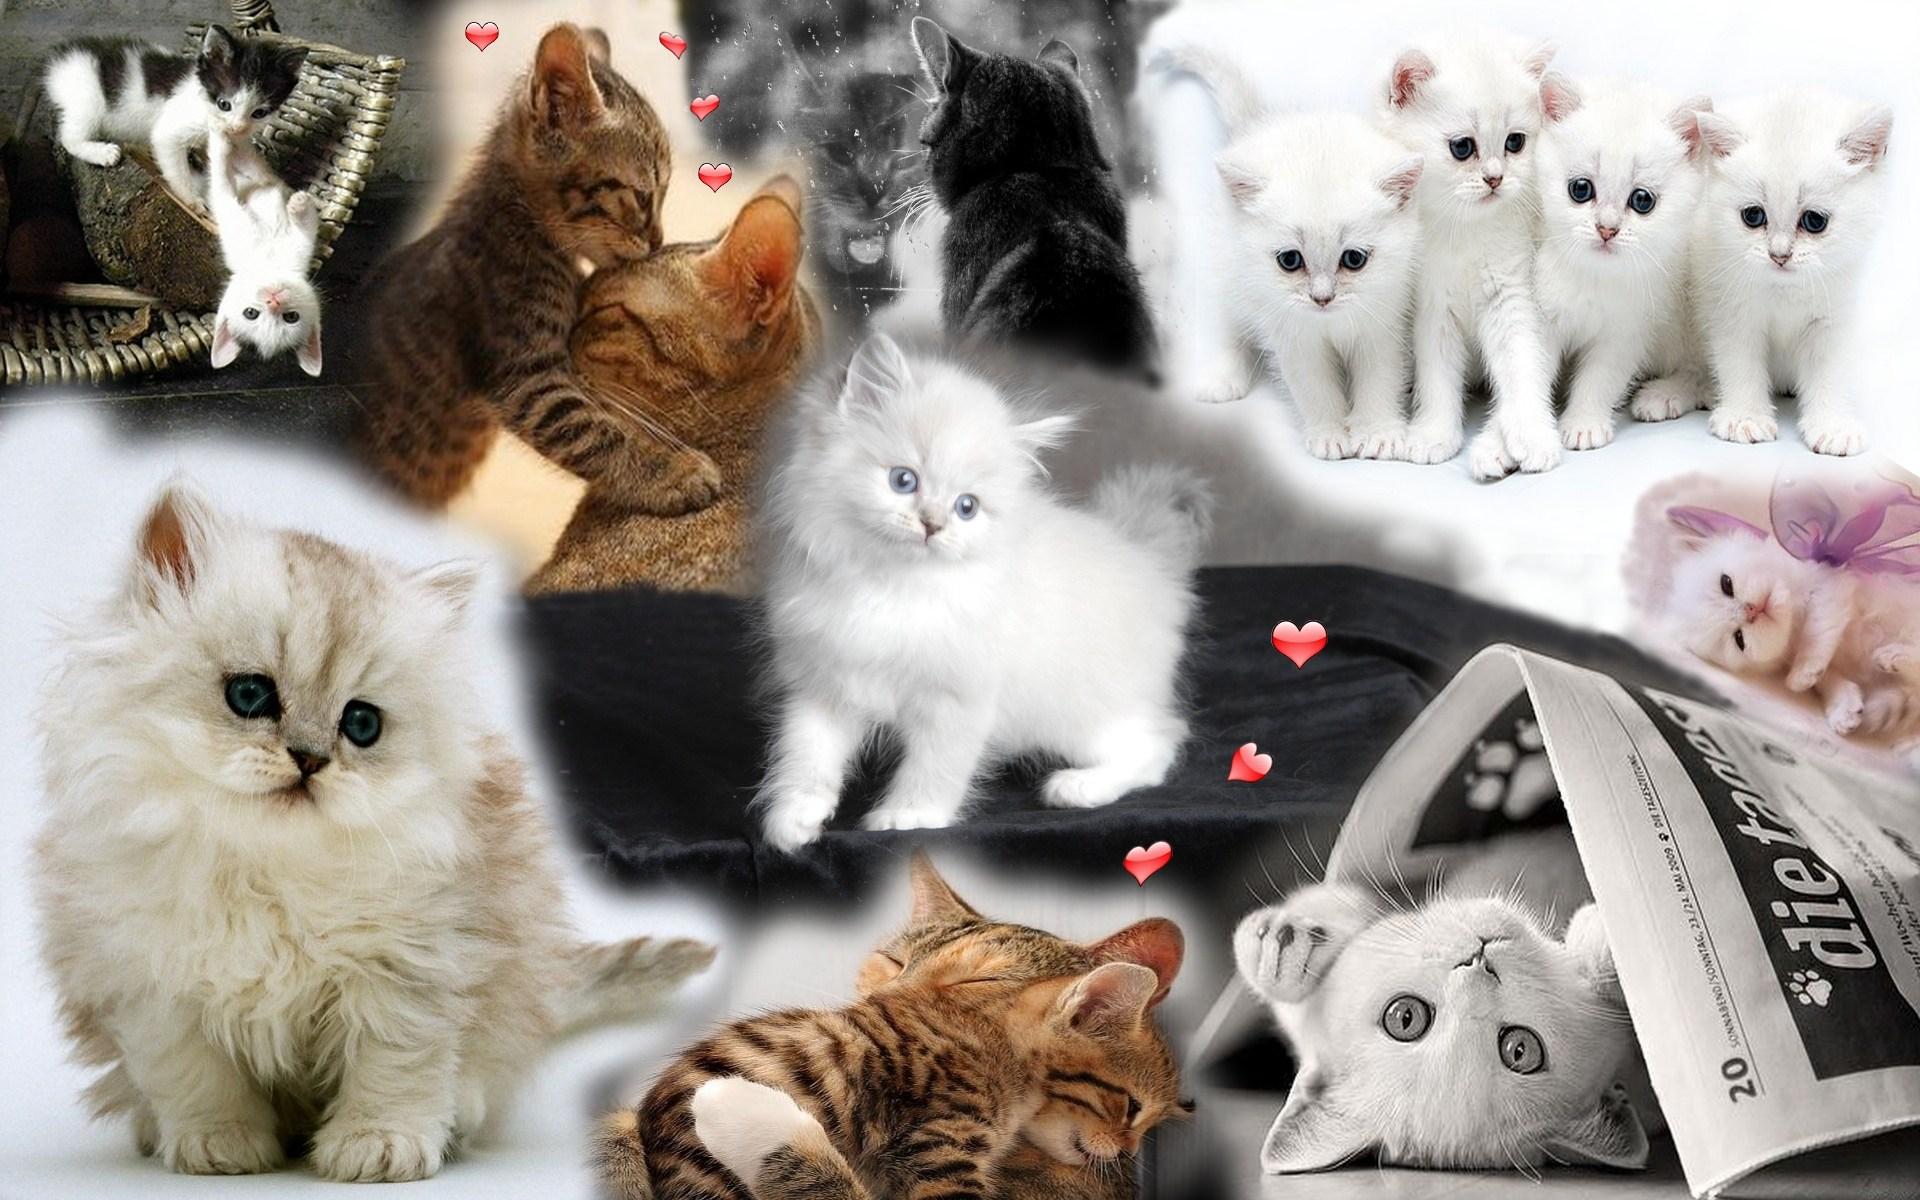 Télécharger fonds d'écran chatons gratuitement